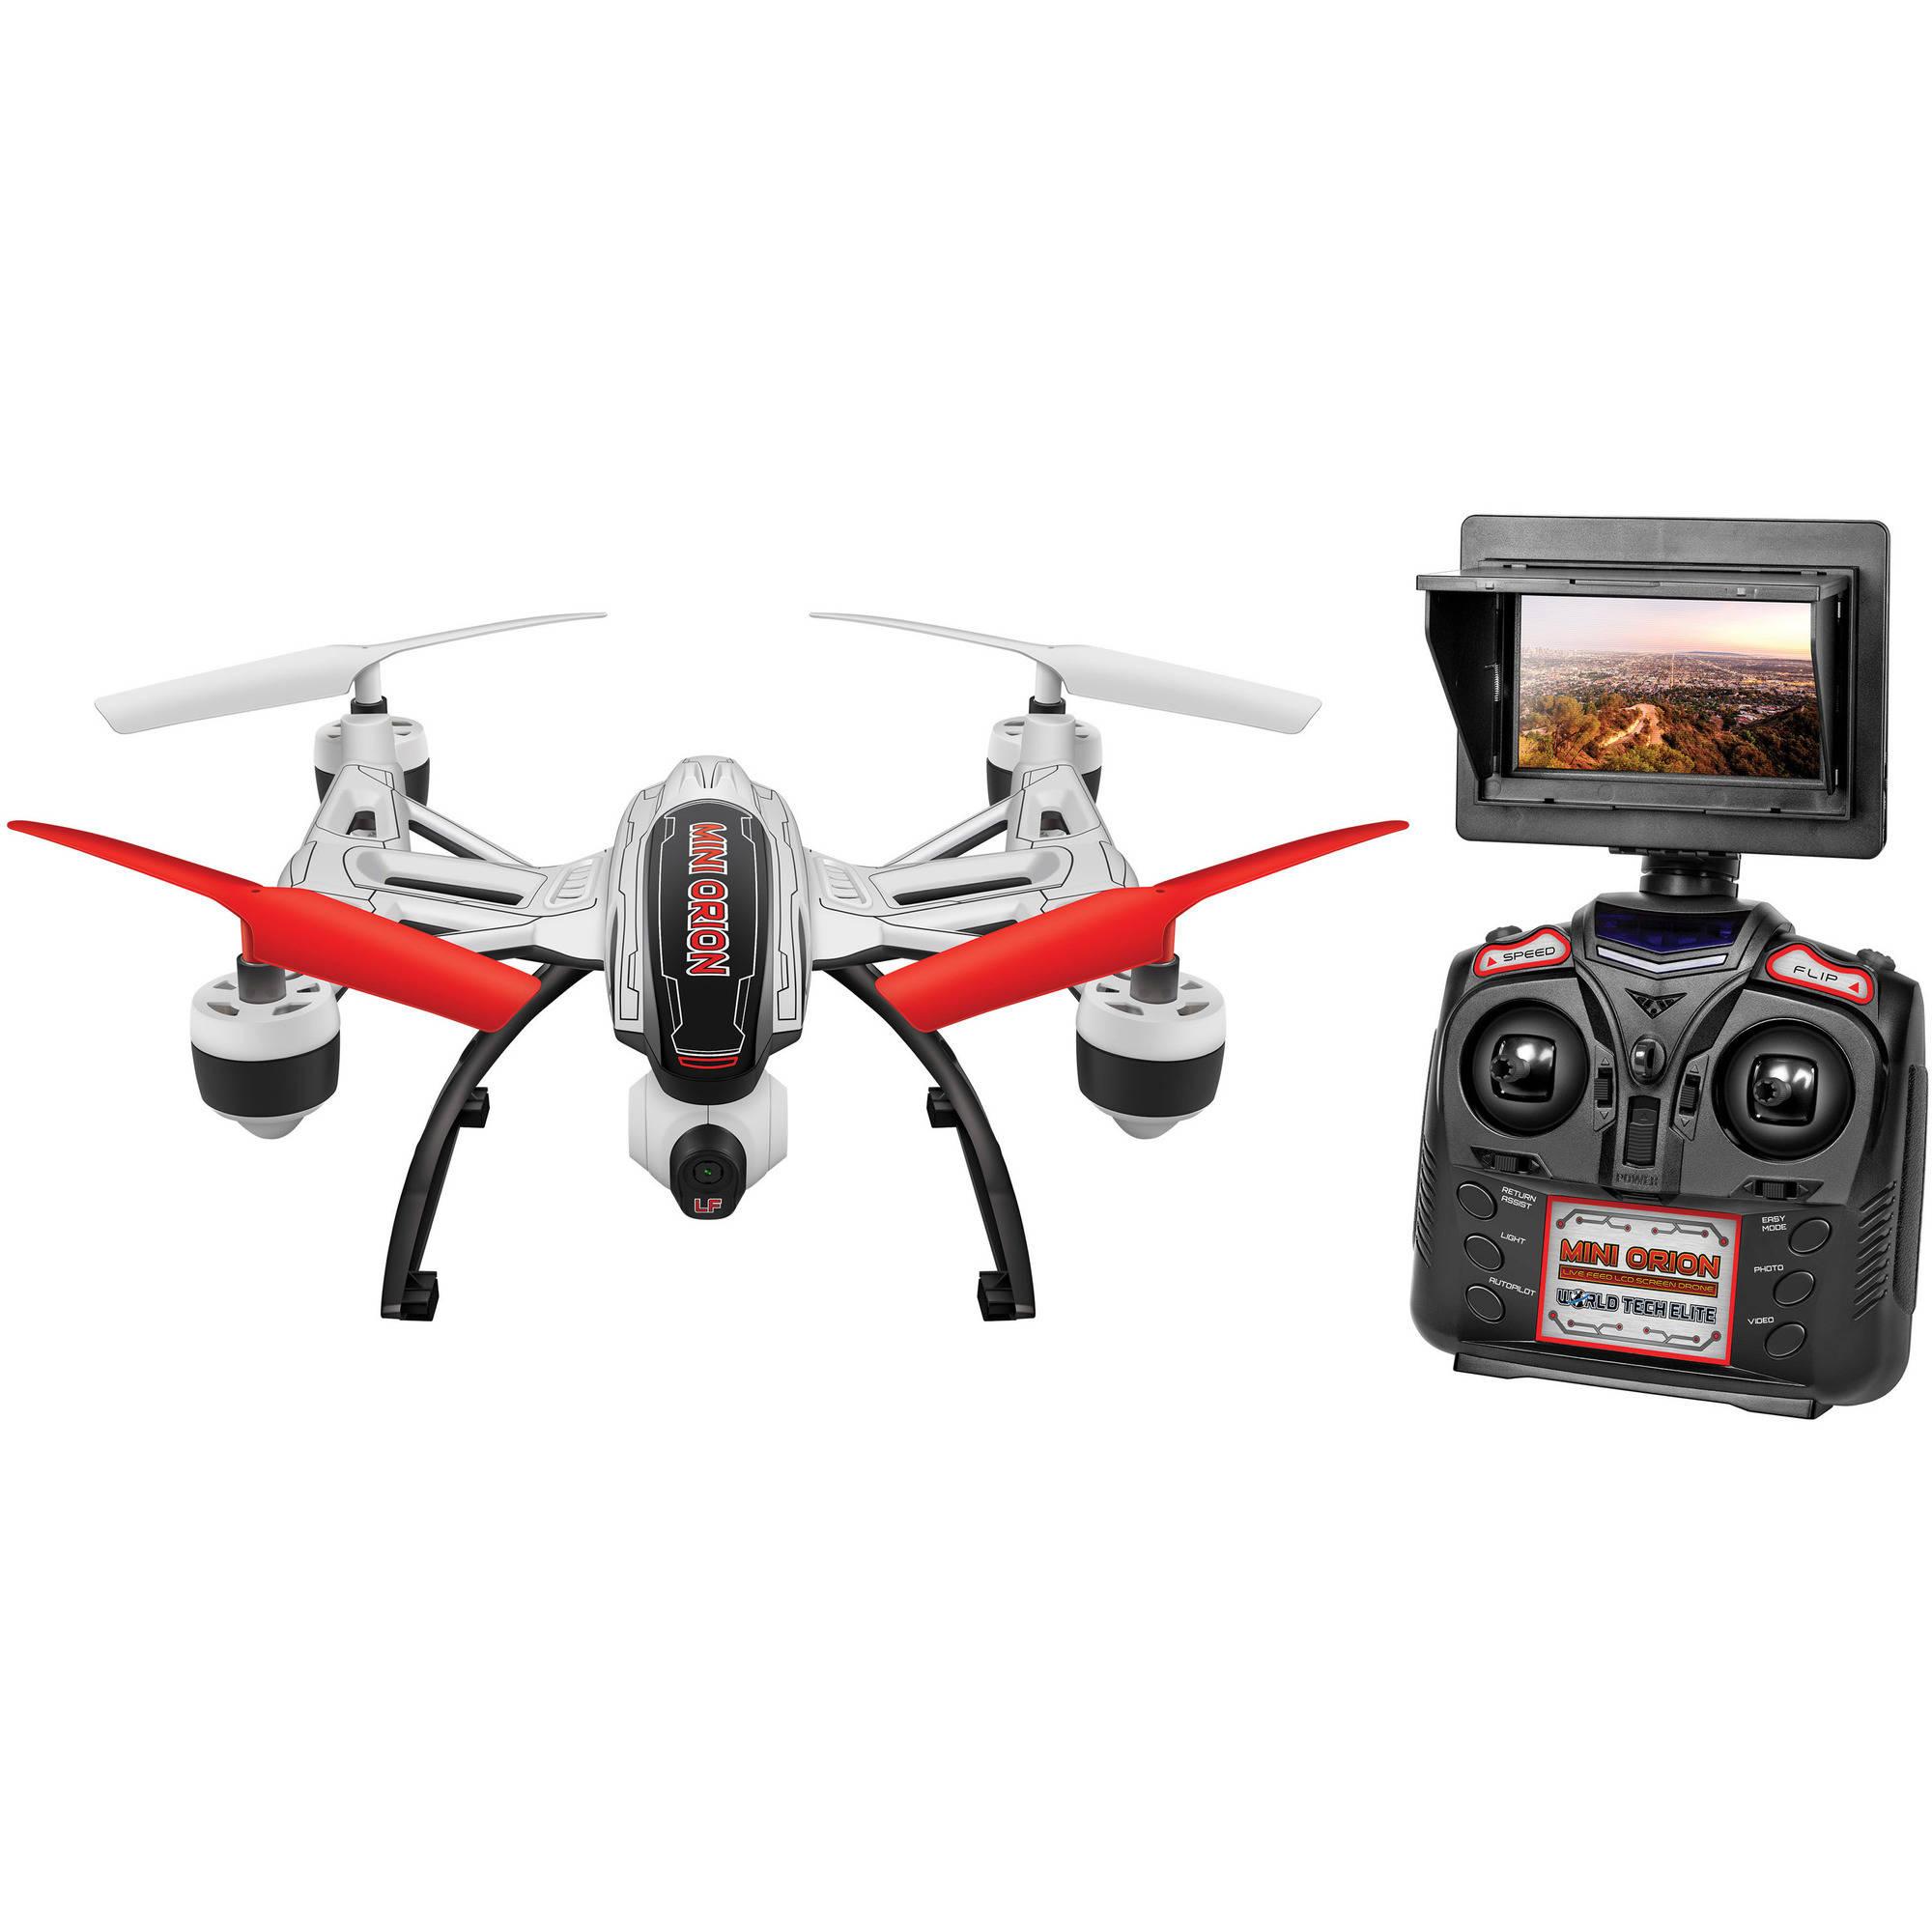 Mini Orion Camera Drone Quadcopter $35 @ Walmart $34.97 online